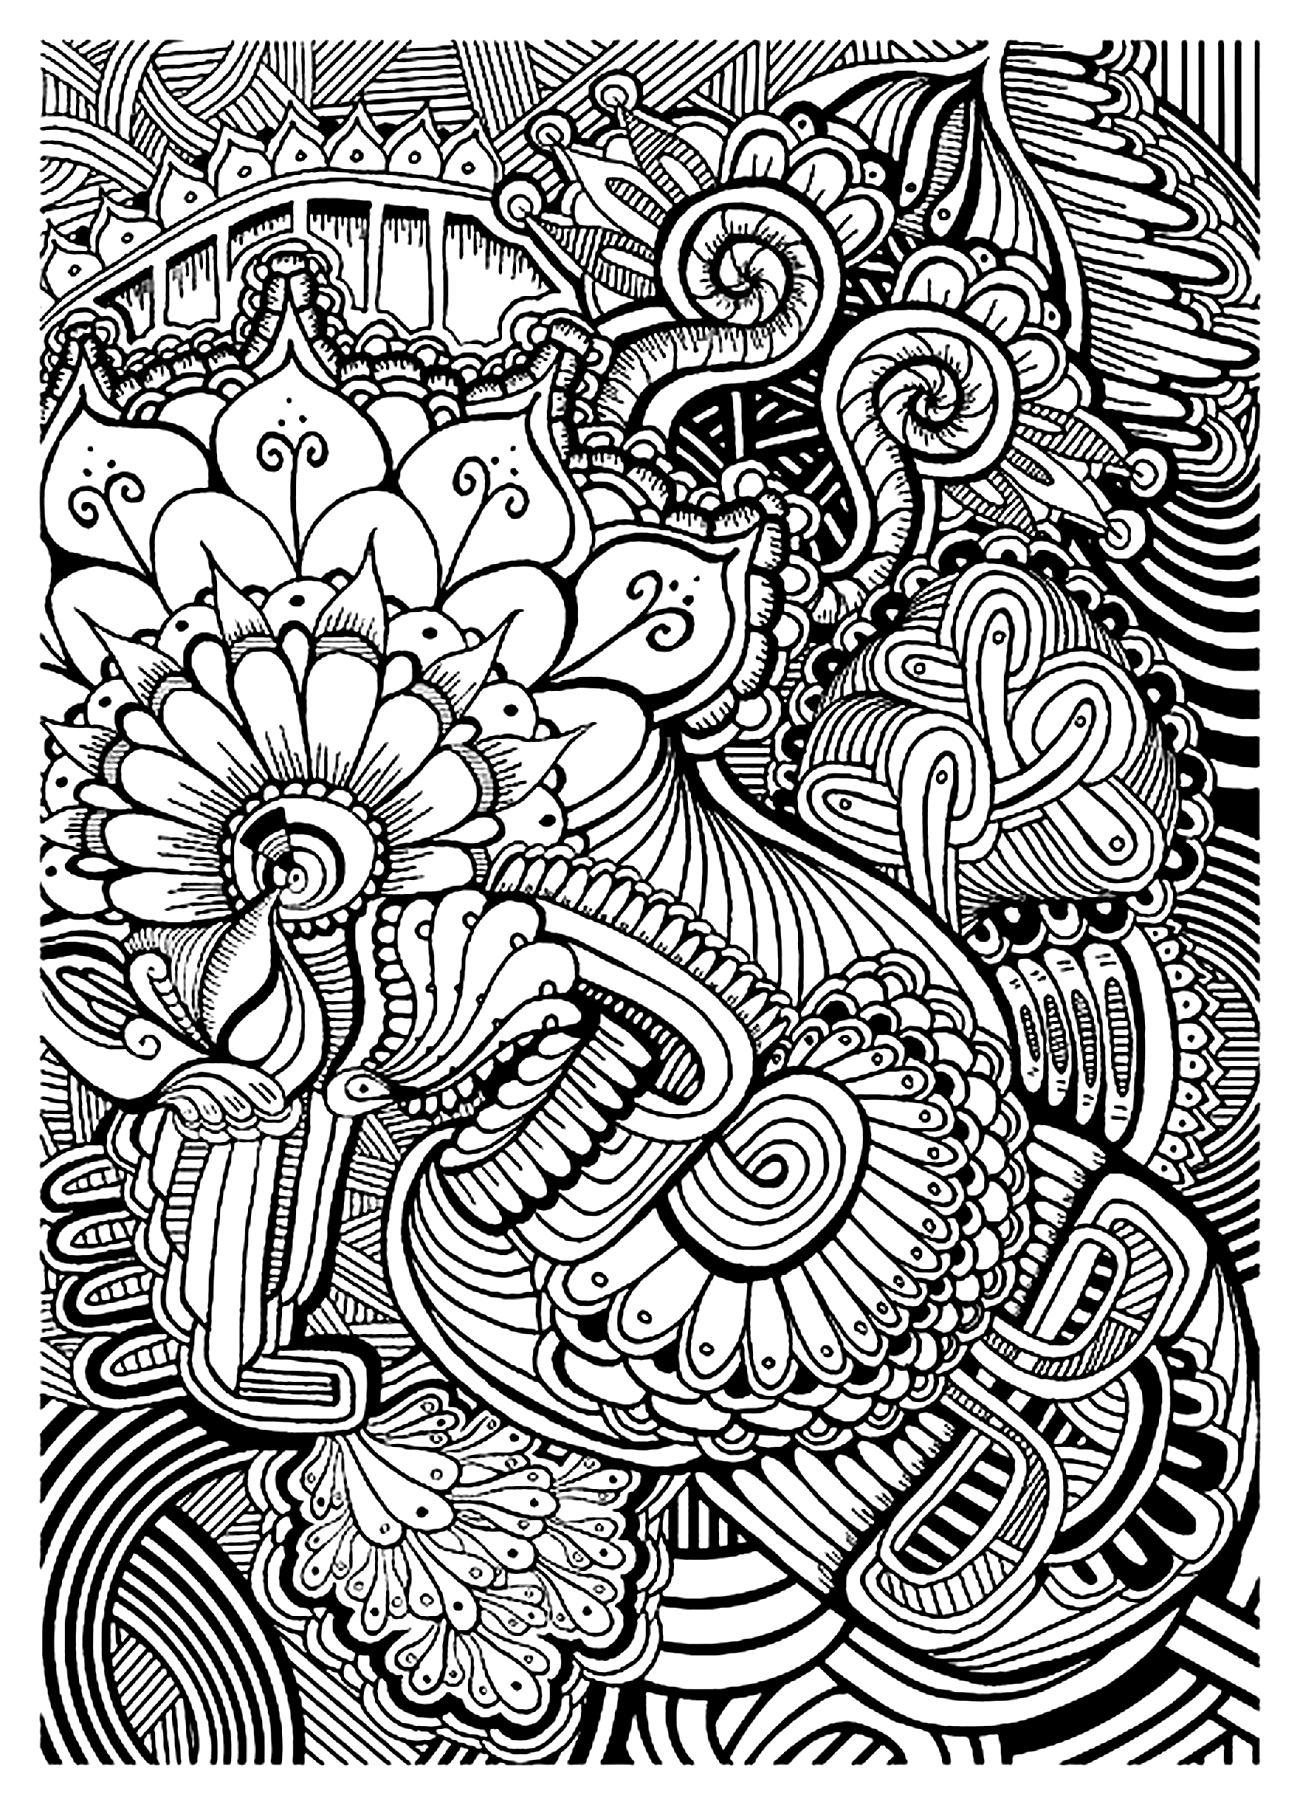 Zen Anti Stress Relax A Imprimer - Anti-Stress & Art intérieur Image Zen A Imprimer